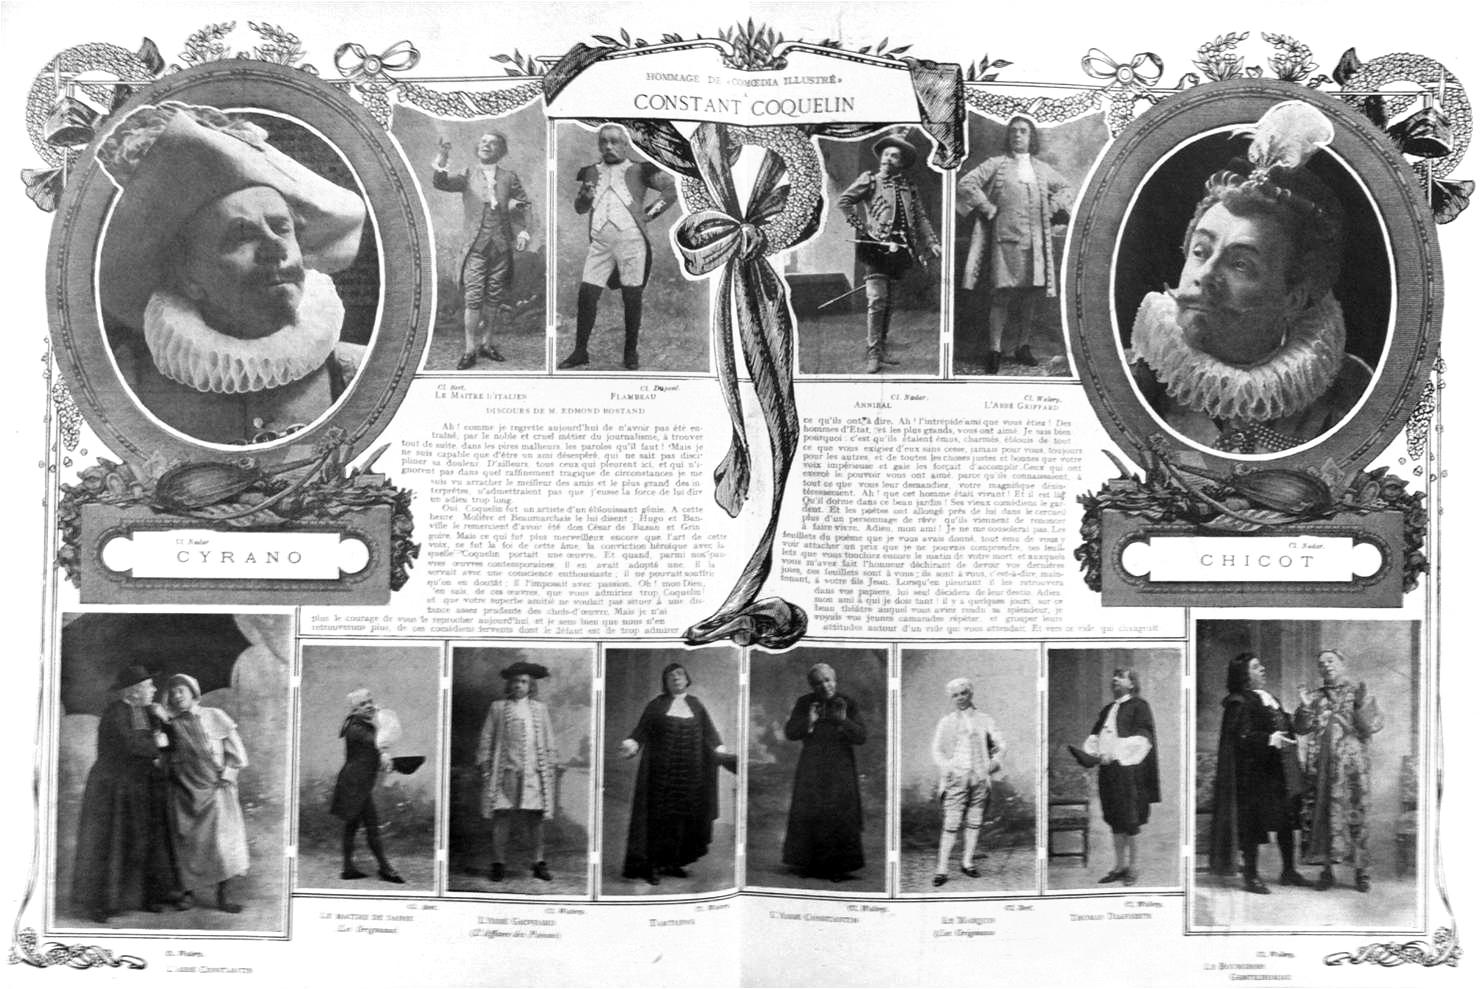 """""""À la mémoire de Constant Coquelin"""", Comoedia illustré, 1er février 1909, p. 4-5"""